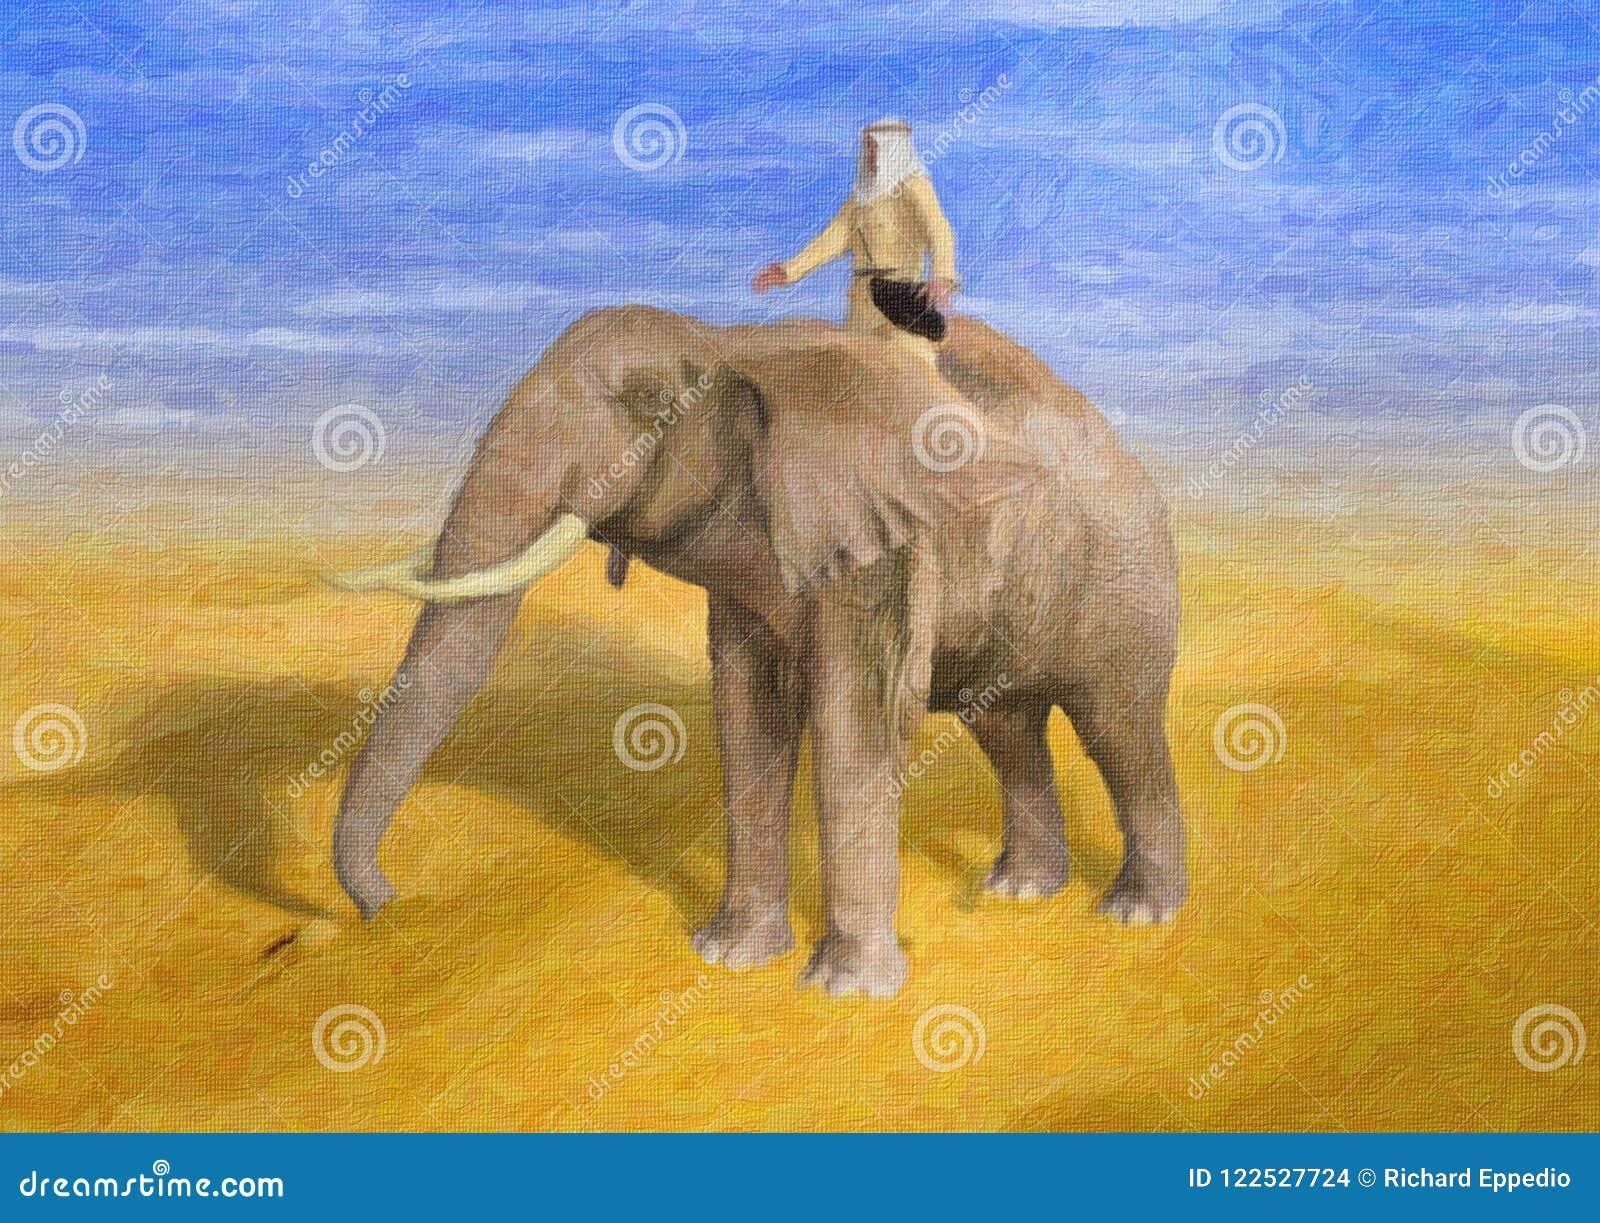 Χρωματισμένη απεικόνιση του ελέφαντα οδήγησης τυχοδιωκτών ερήμων